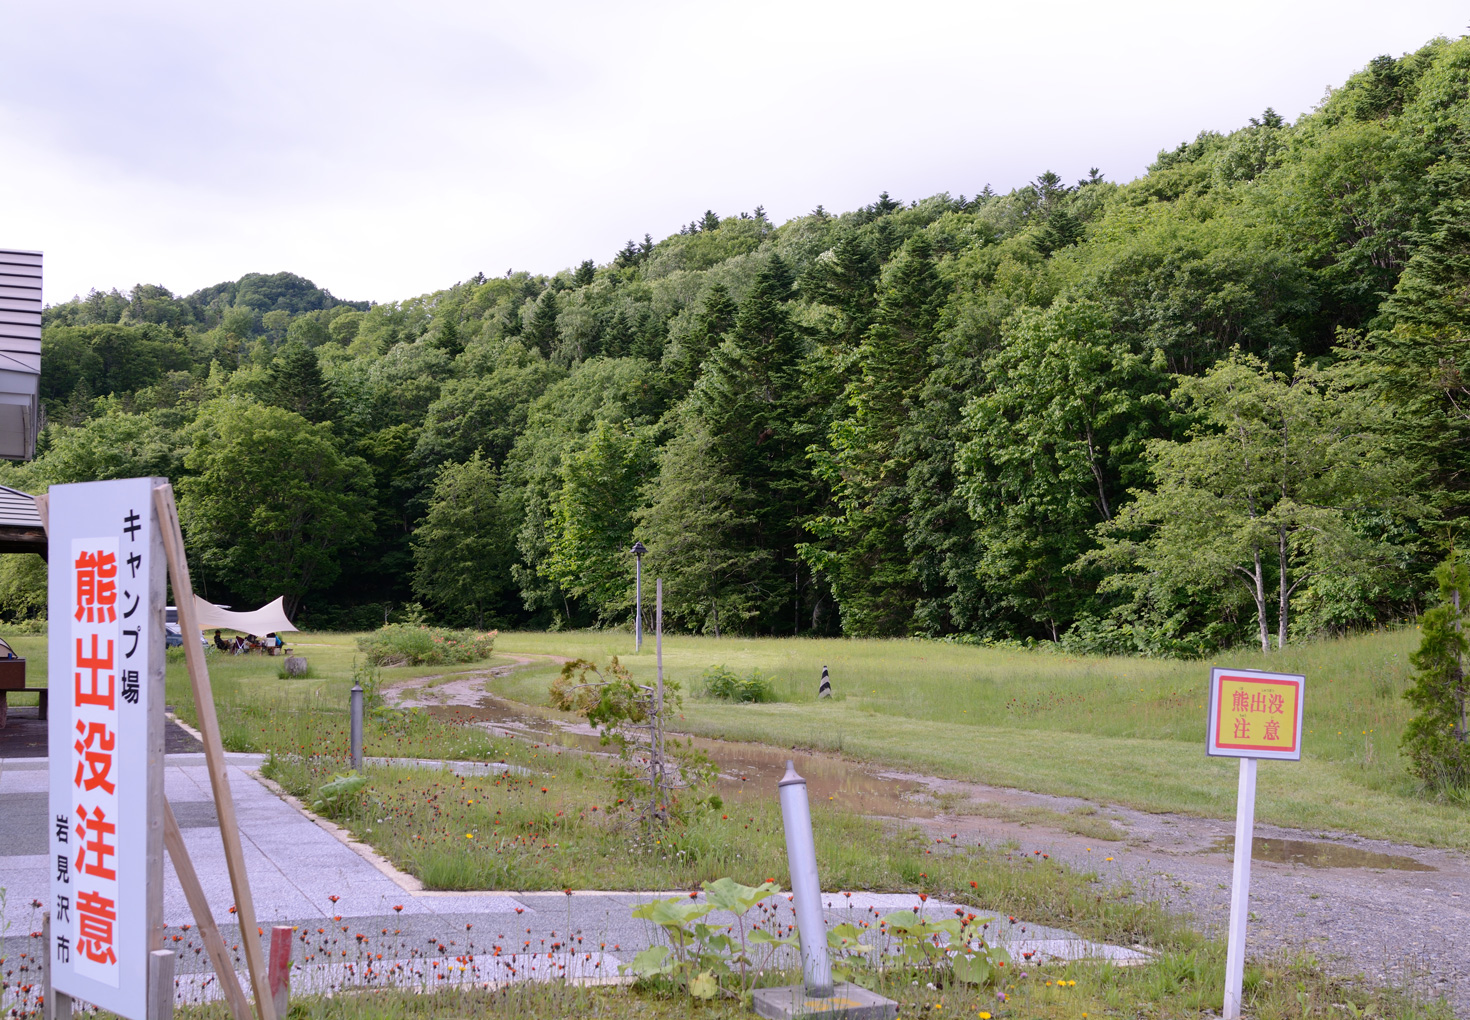 幌向川ダム多目的広場 テントスペース